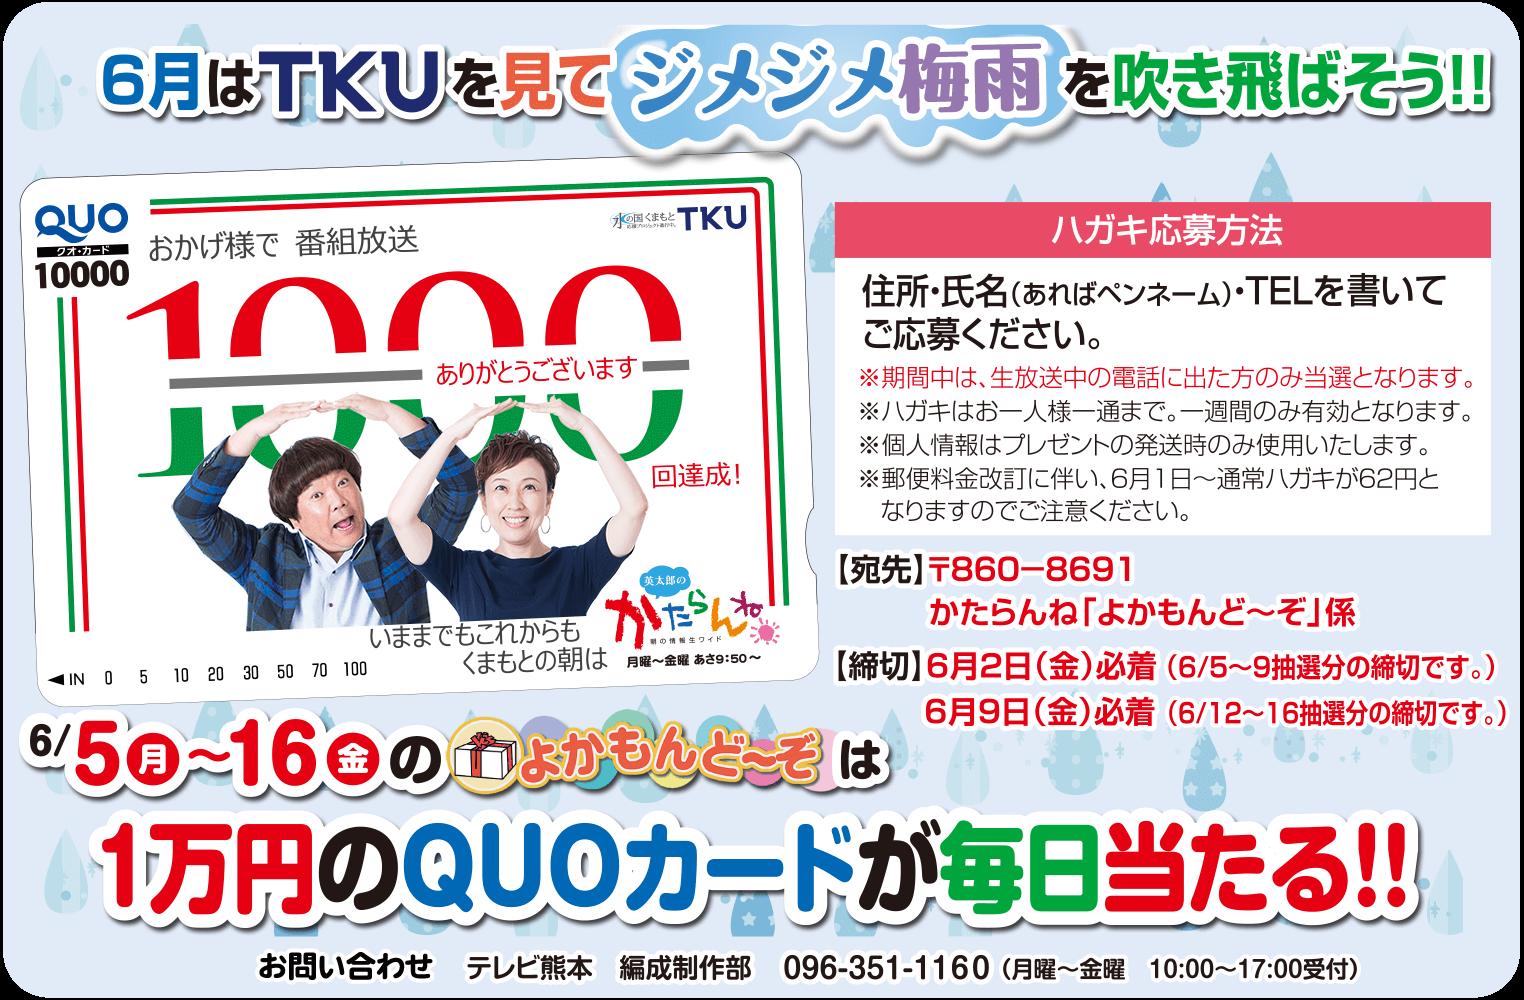 6月のよかもんど~ぞは1万円のQUOカードが当たる!